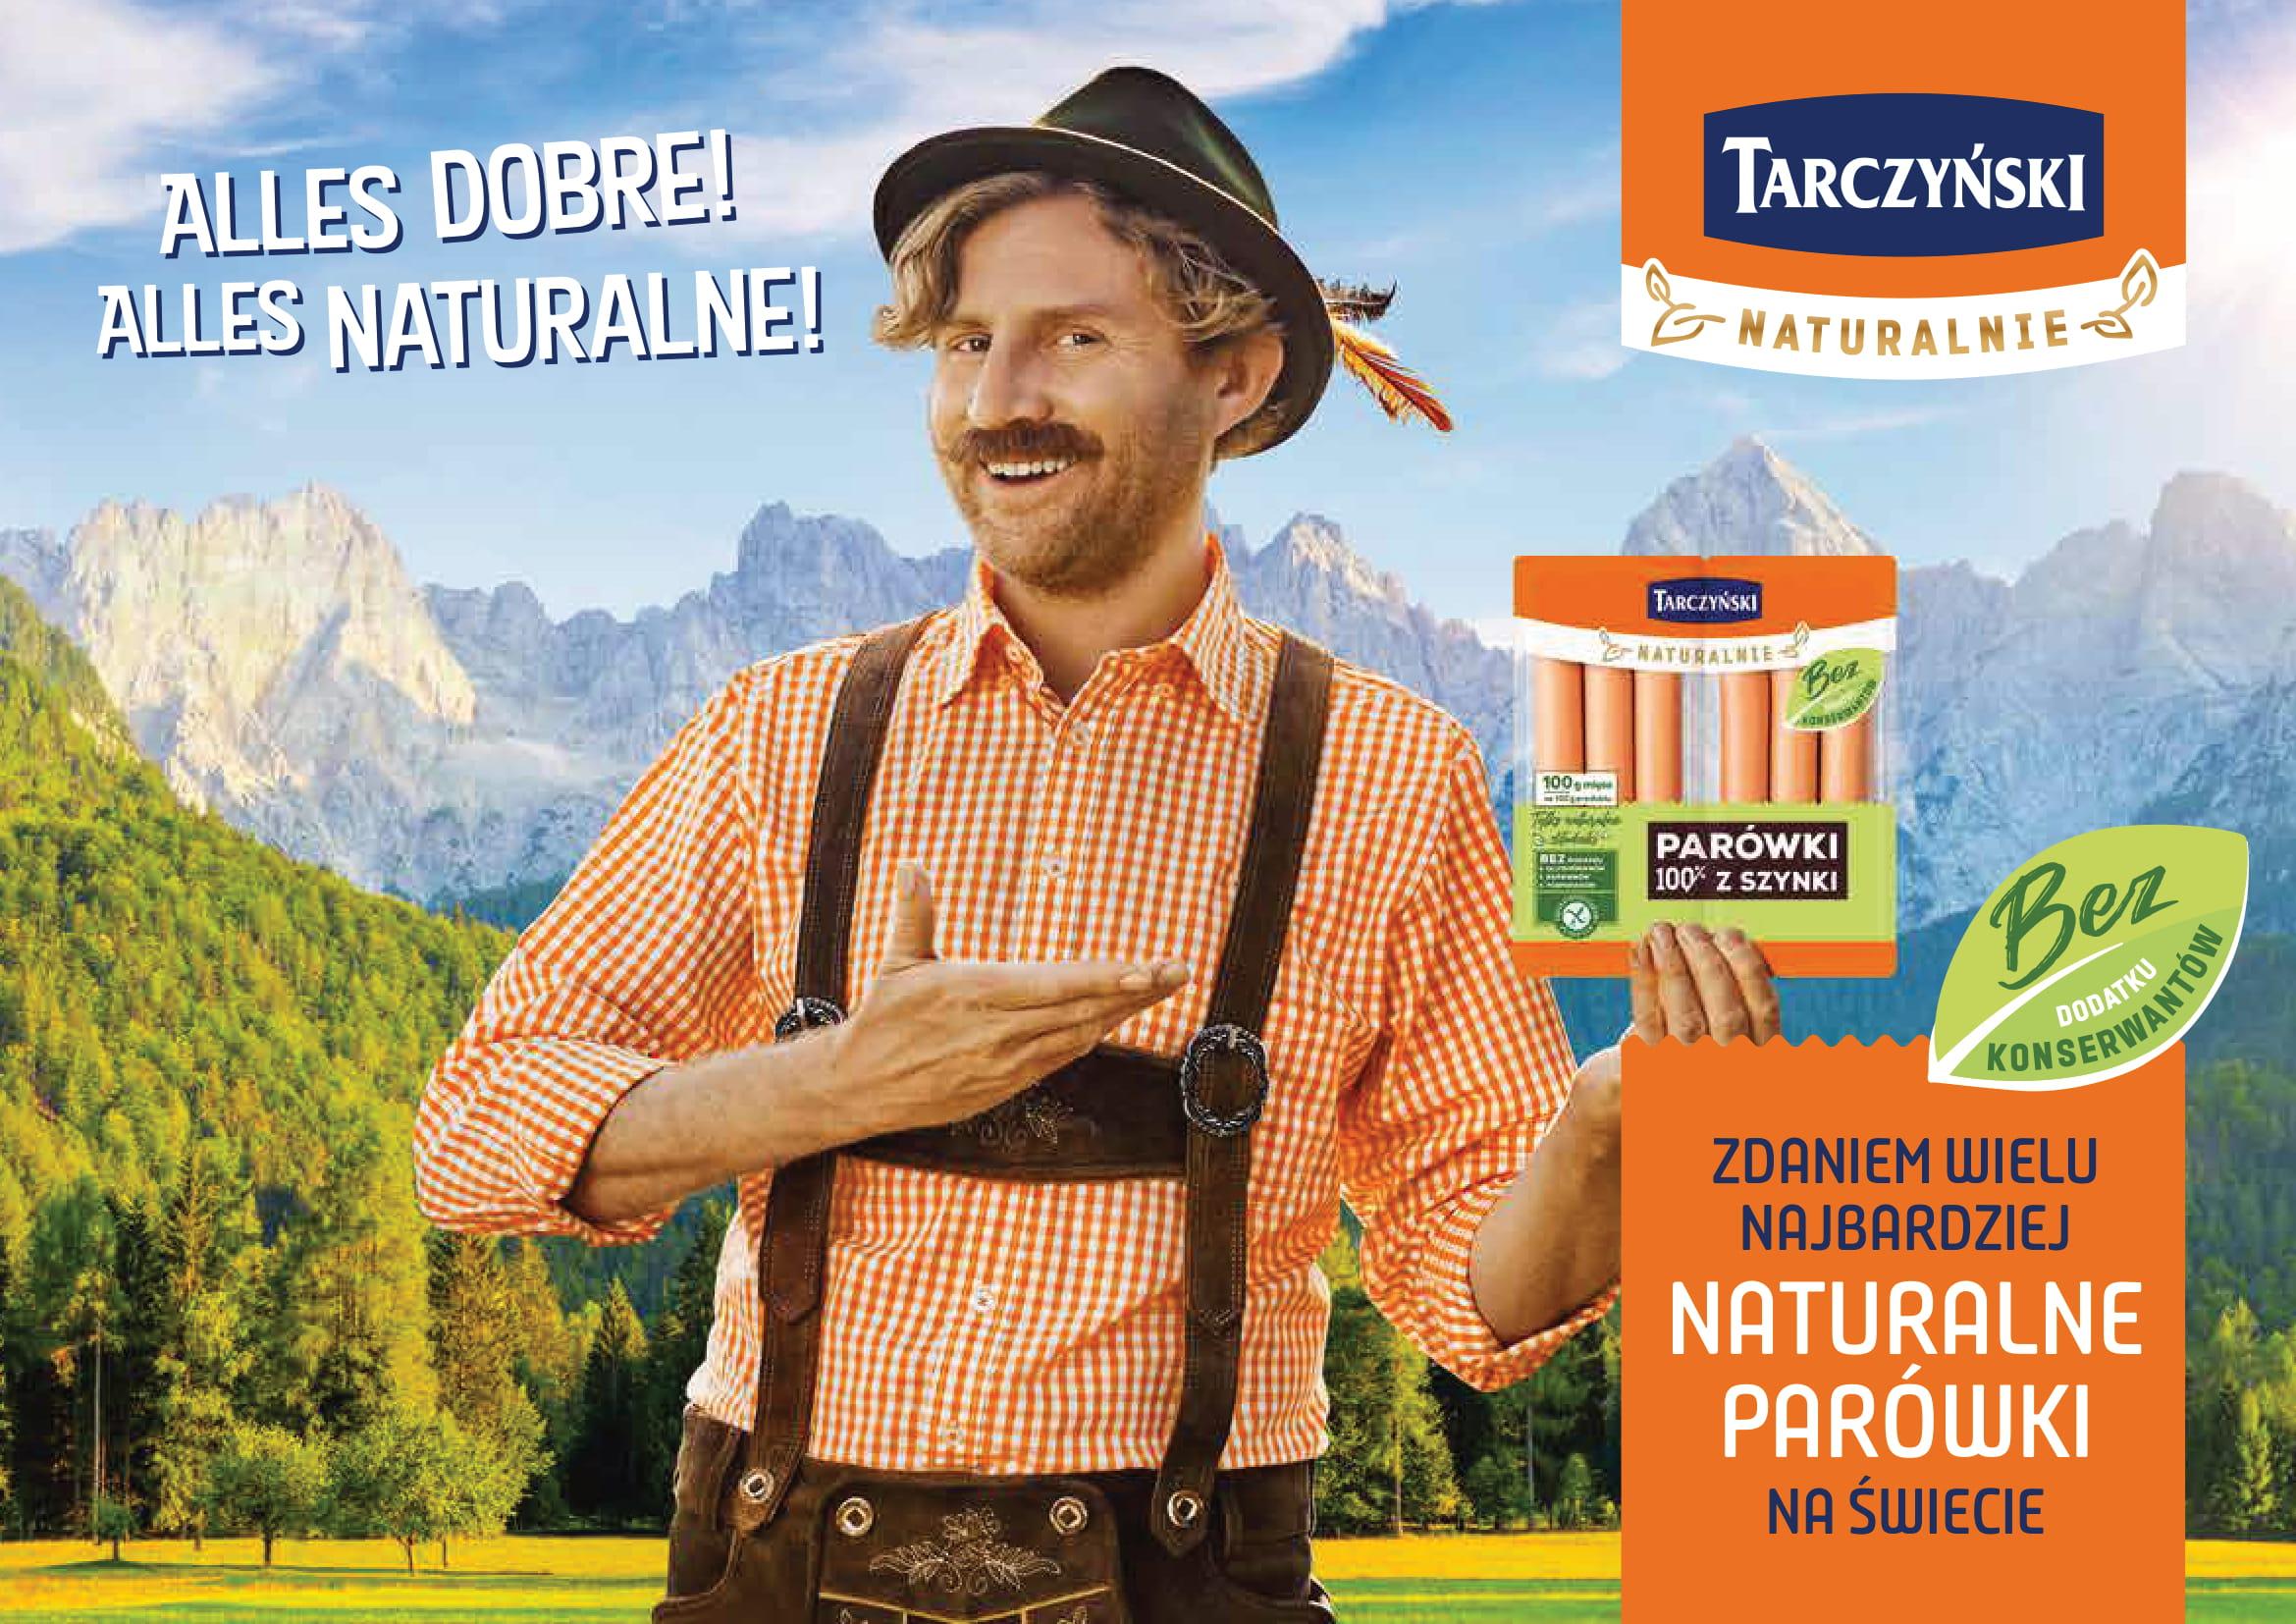 Największa w historii kampania reklamowa parówek z linii Tarczyński Naturalnie